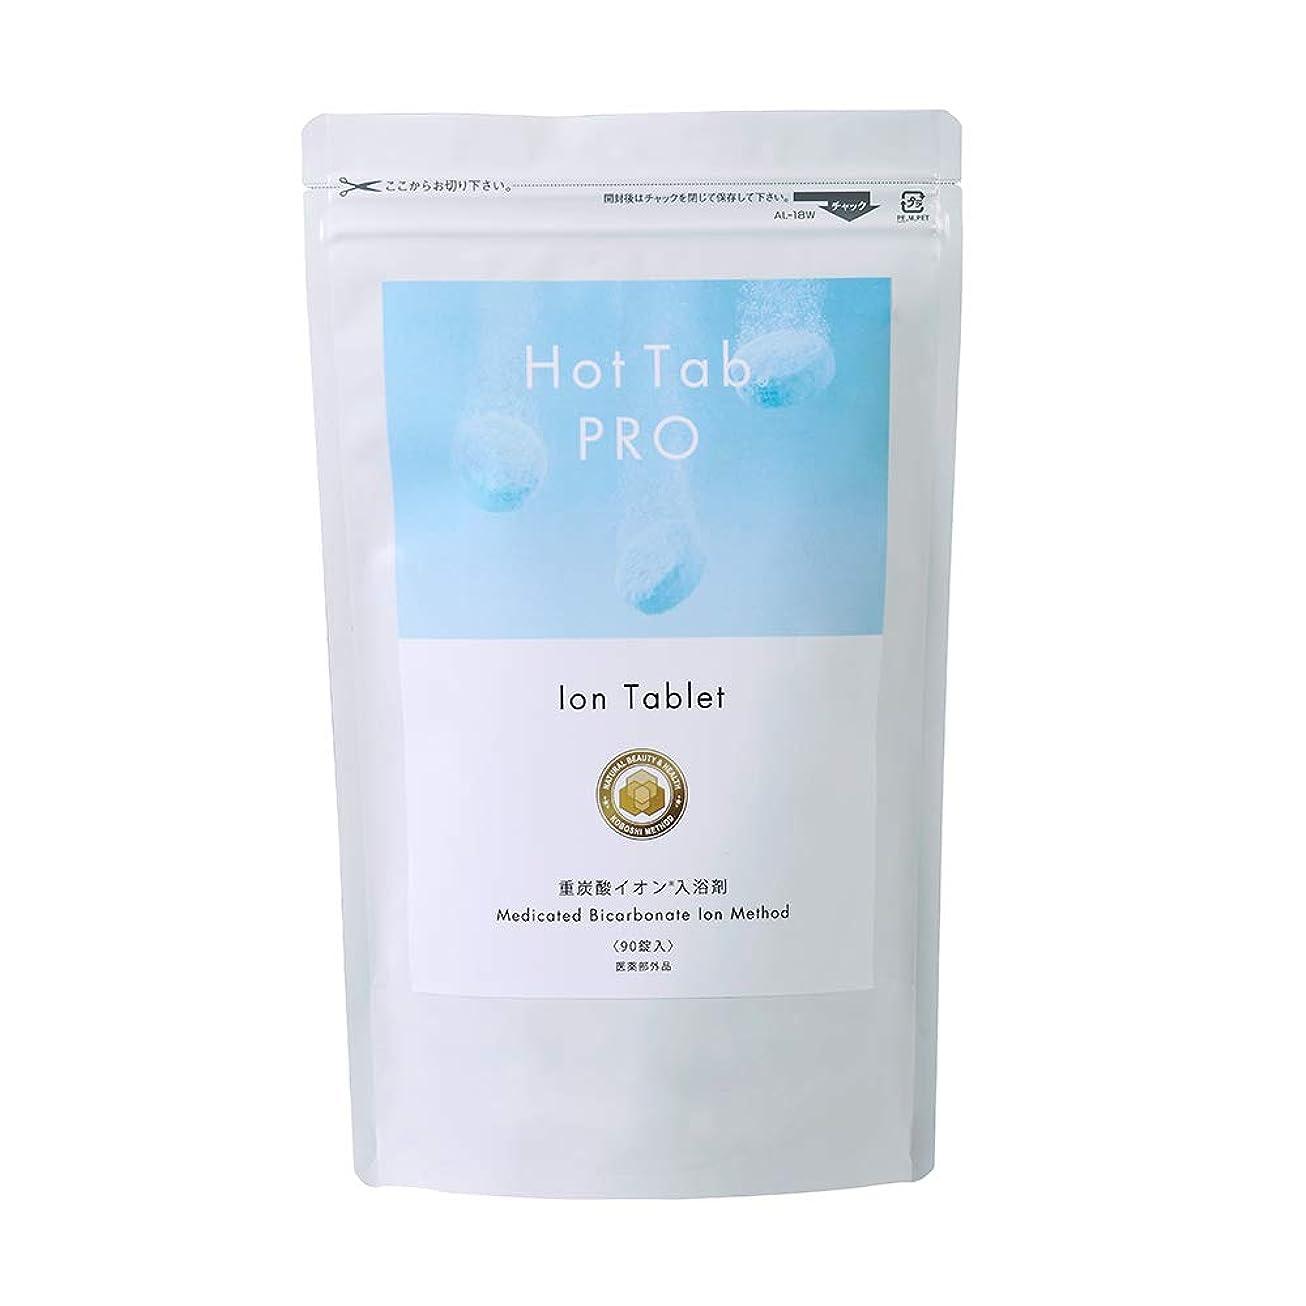 パントリー用心する送料最新型 日本製なめらか重炭酸入浴剤「ホットタブPro」(デリケートな肌でも安心 無香料 無着色 中性pH) (お得な90錠セット)